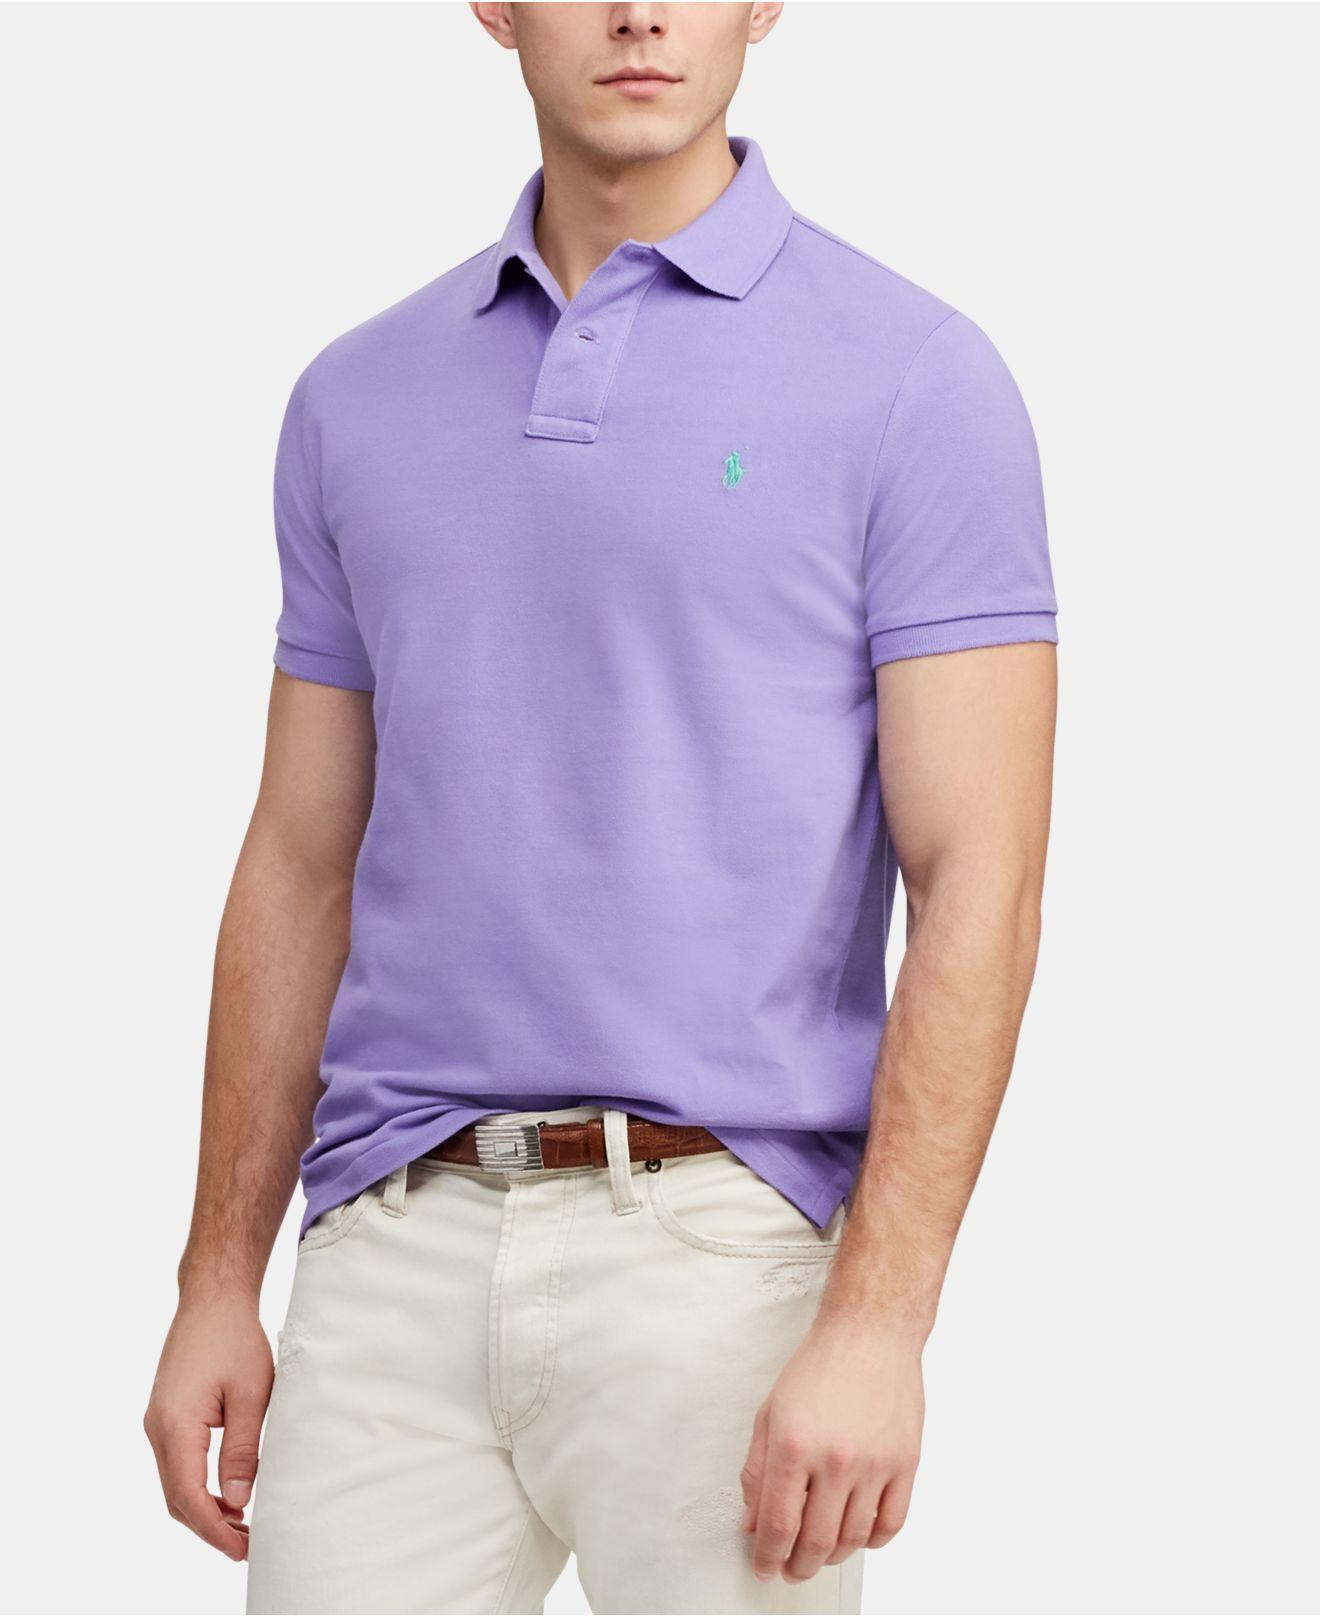 d8e50eae Lyst - Polo Ralph Lauren Custom Slim Fit Mesh Polo in Purple for Men